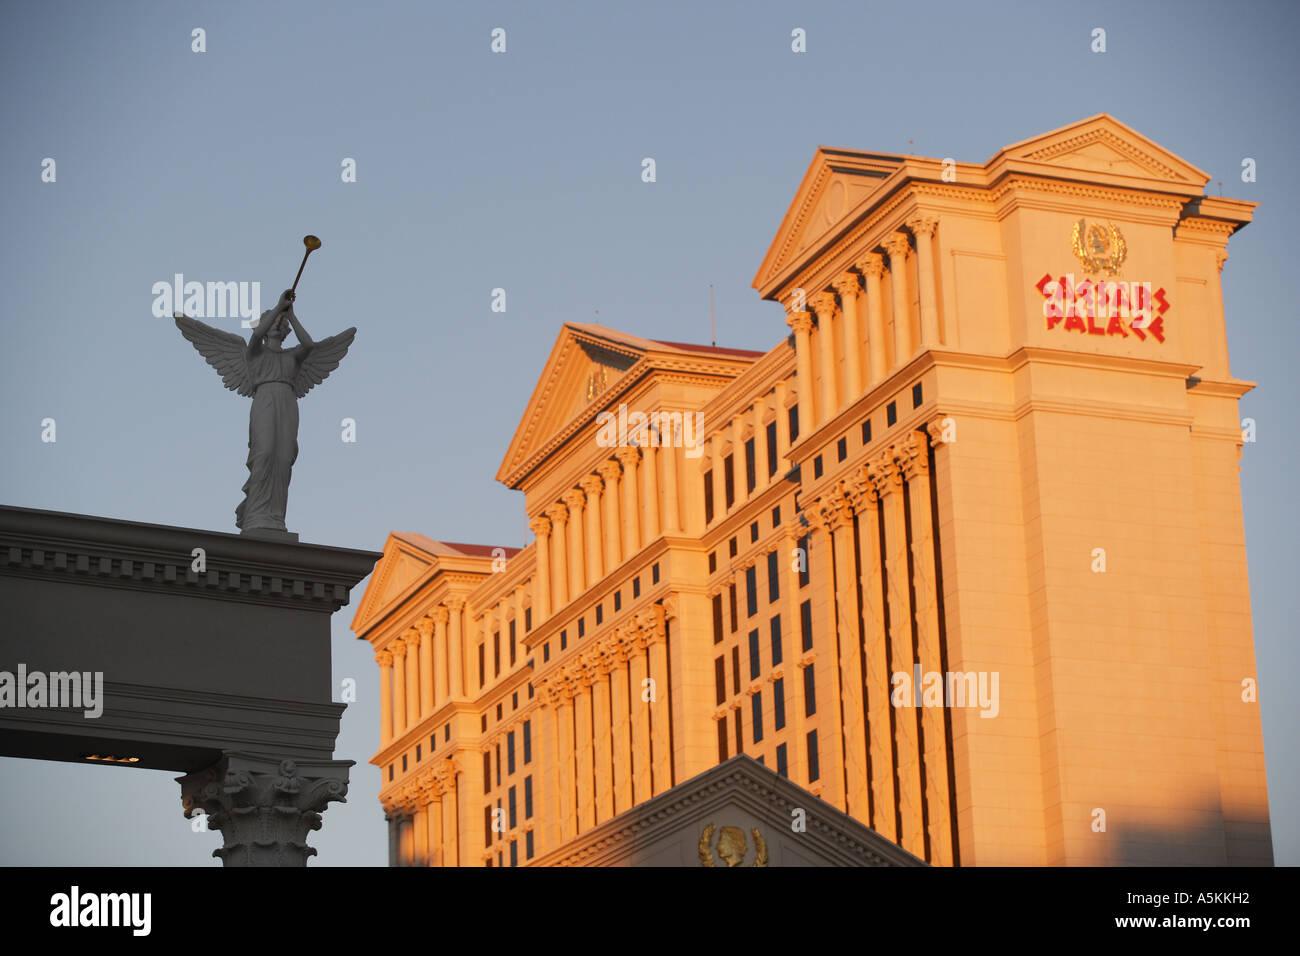 Caesars Palace Las Vegas Nevada - Stock Image